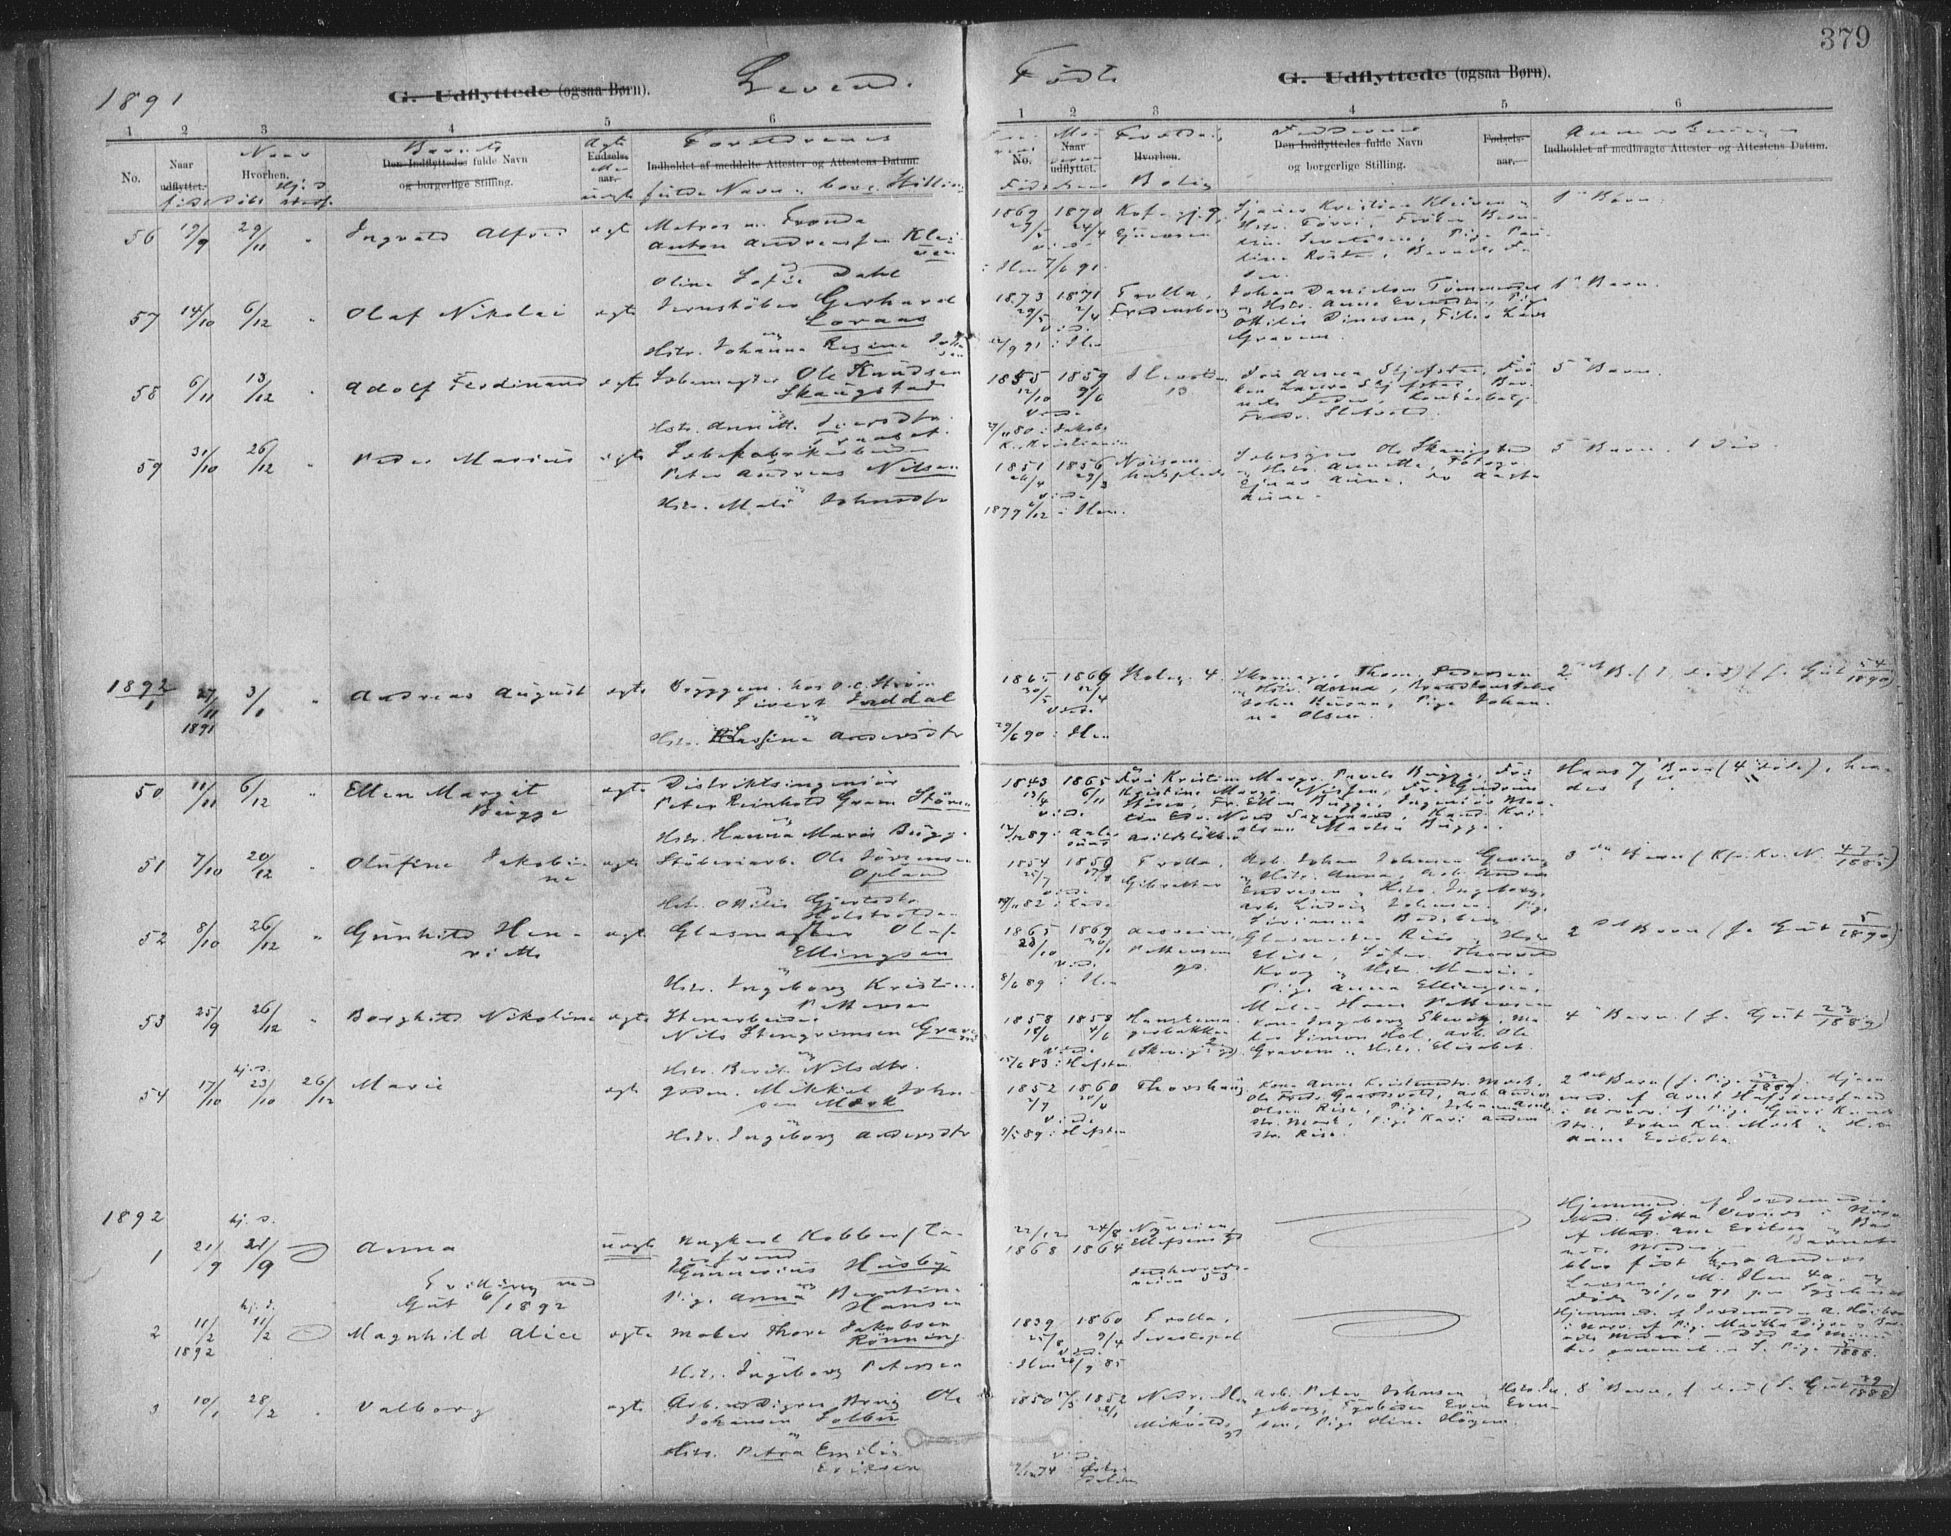 SAT, Ministerialprotokoller, klokkerbøker og fødselsregistre - Sør-Trøndelag, 603/L0163: Ministerialbok nr. 603A02, 1879-1895, s. 379